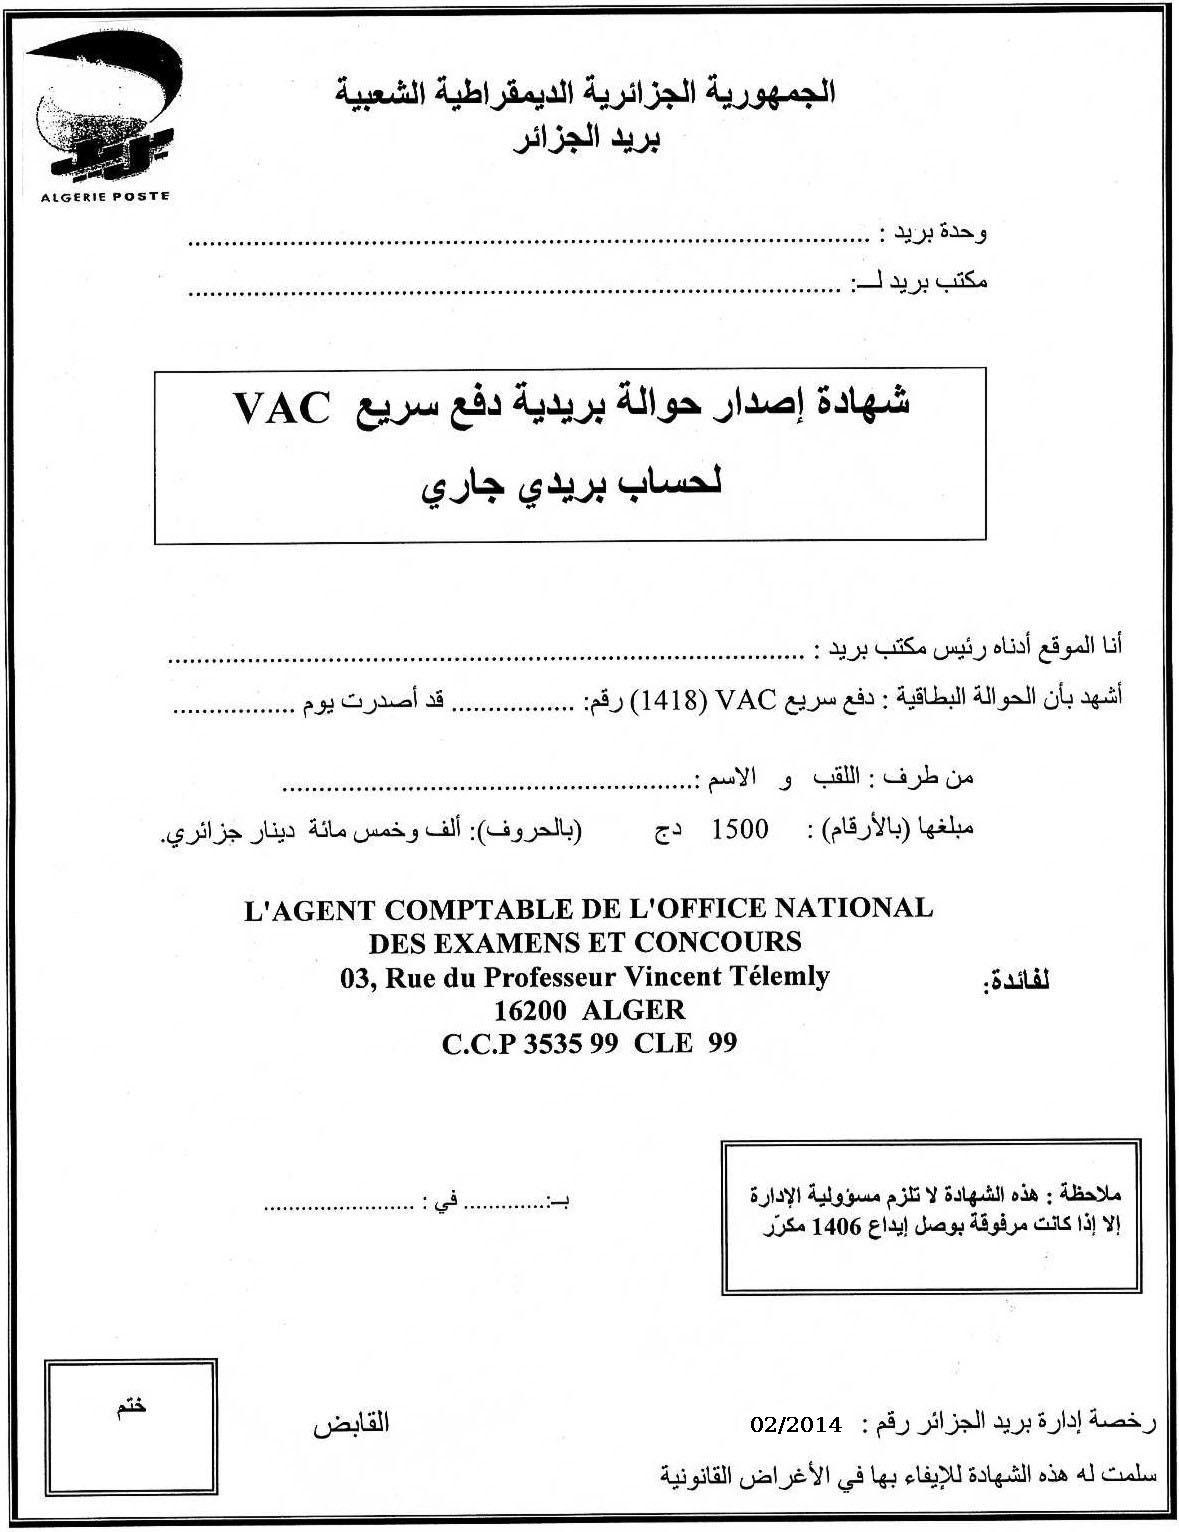 شهادة إصدار الحوالة البريدية لدفع حقوق التسجيل للمتمدرسين للبكالوريا دورة 2015 Mandat11